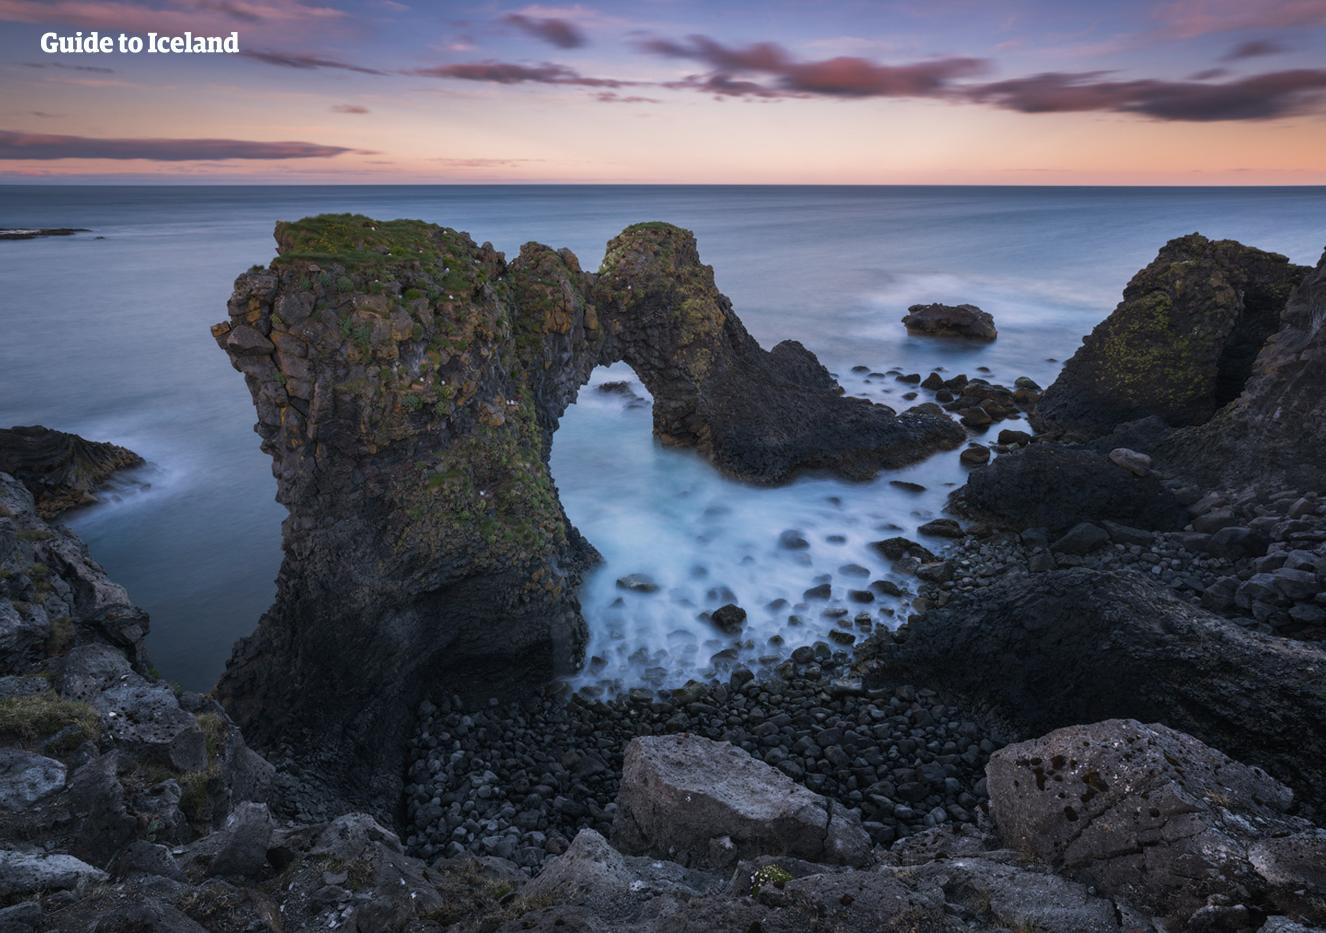 กัทเคลทตูร์เป็นหนึ่งในบรรดาหินที่มีรูปร่างมหัศจรรย์บนคาบสมุทรสไนล์แฟลซเนสในไอซ์แลนด์ตะวันตก.